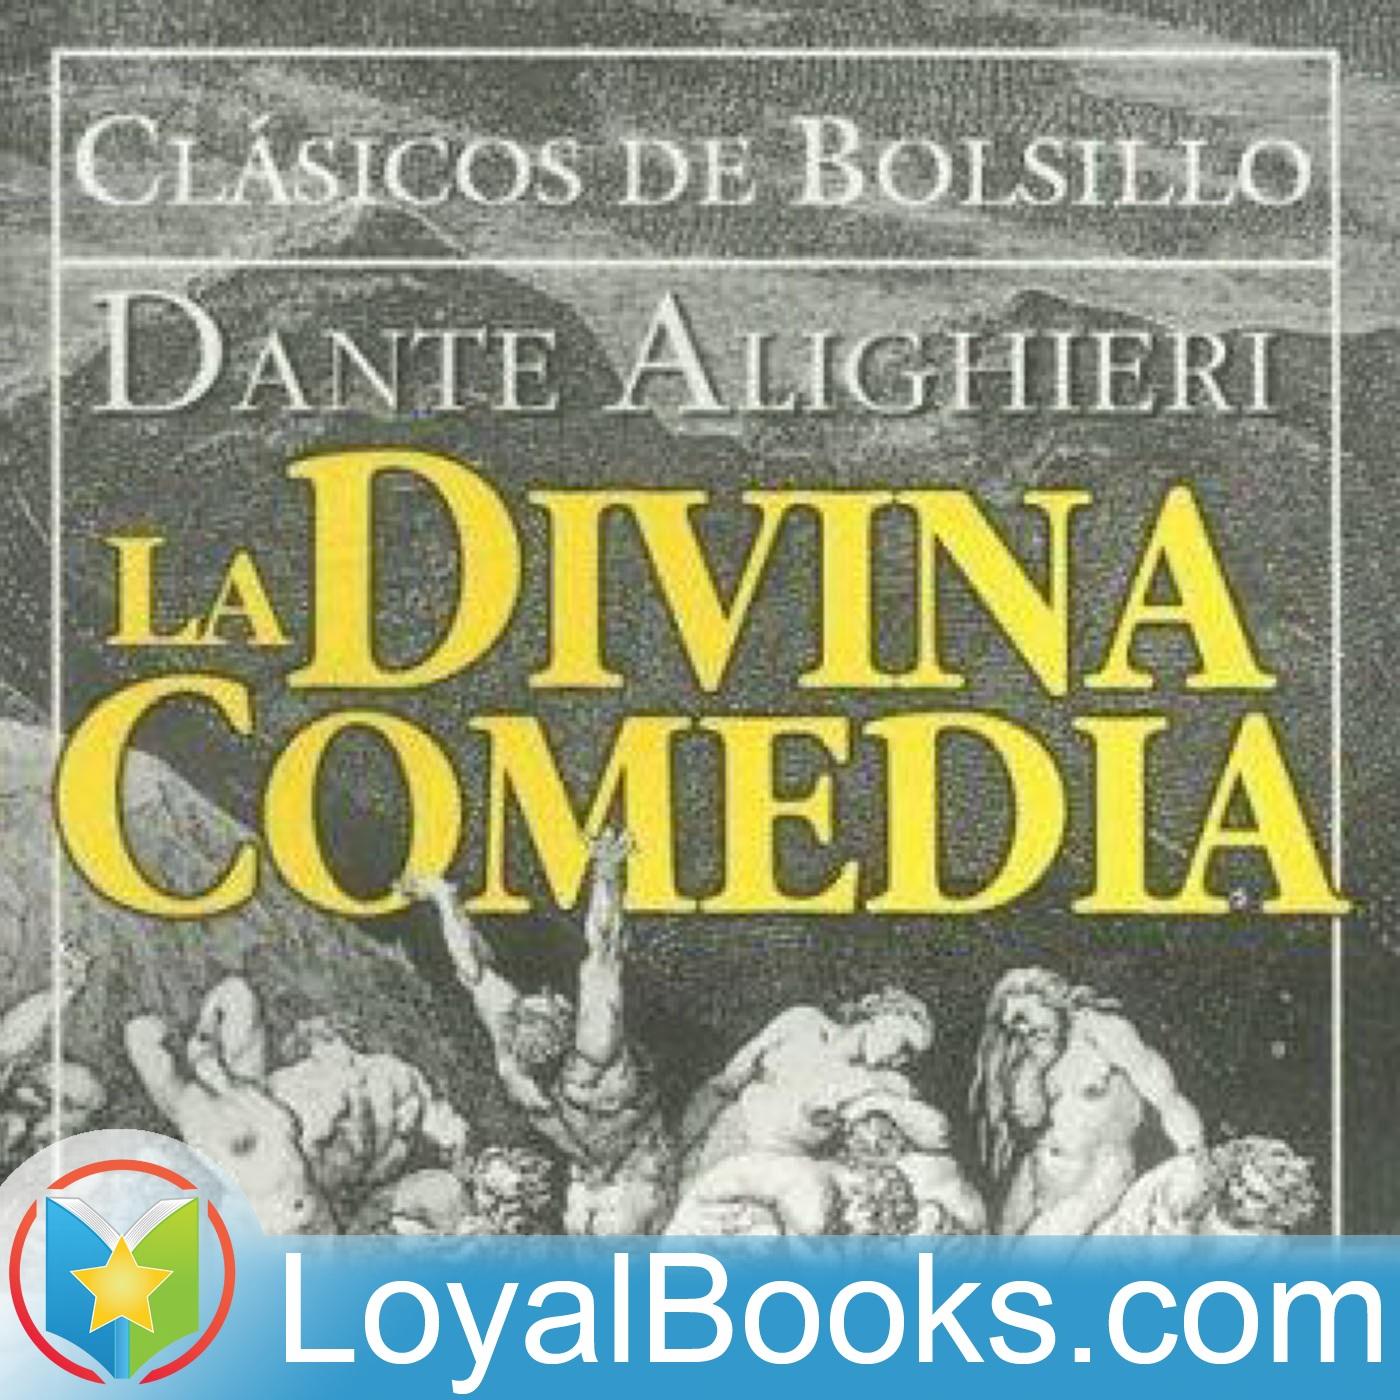 <![CDATA[La Divina Commedia by Dante Alighieri]]>